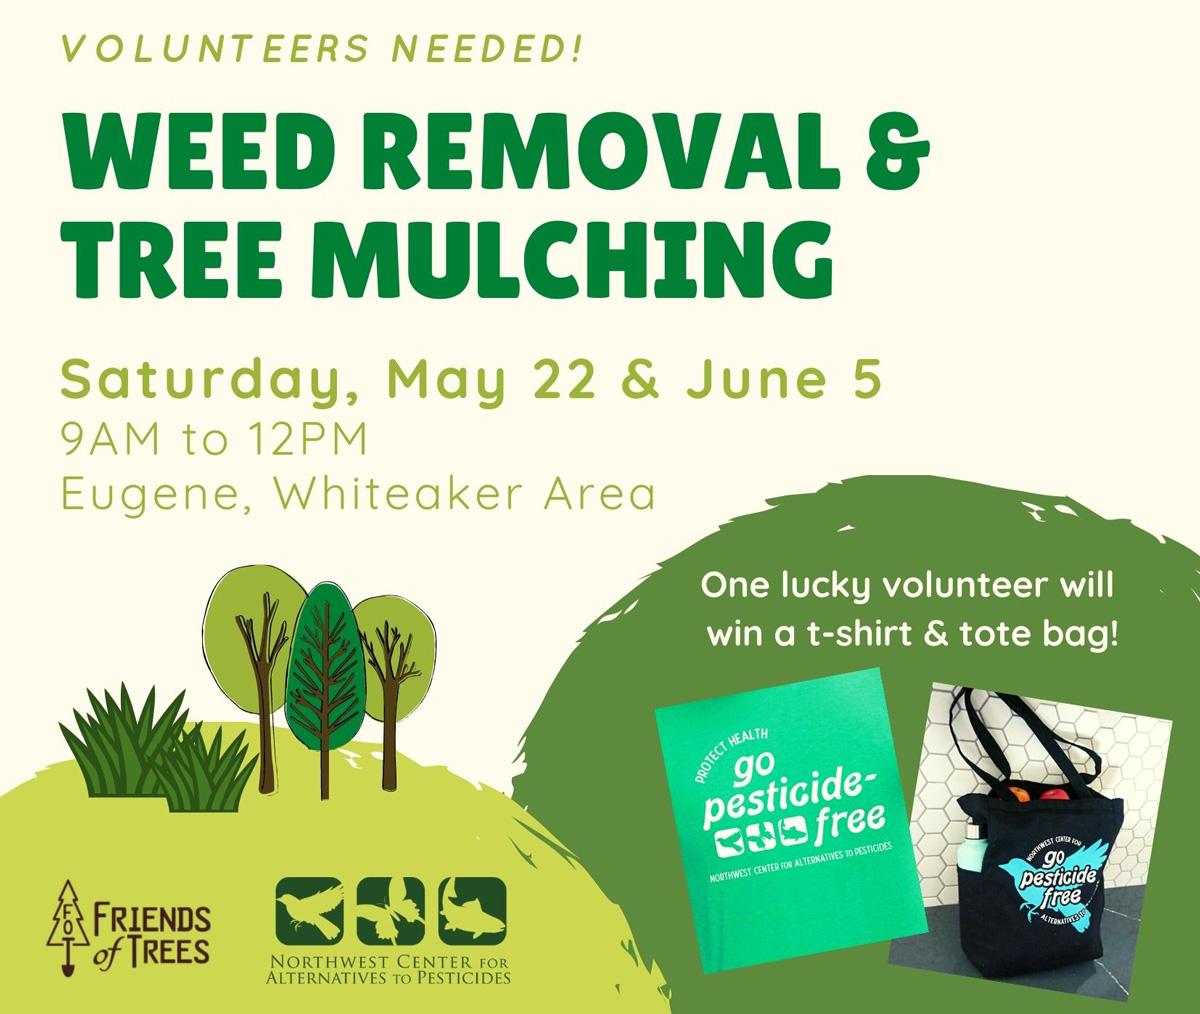 Volunteers Needed! Weed Removal & Tree Mulching